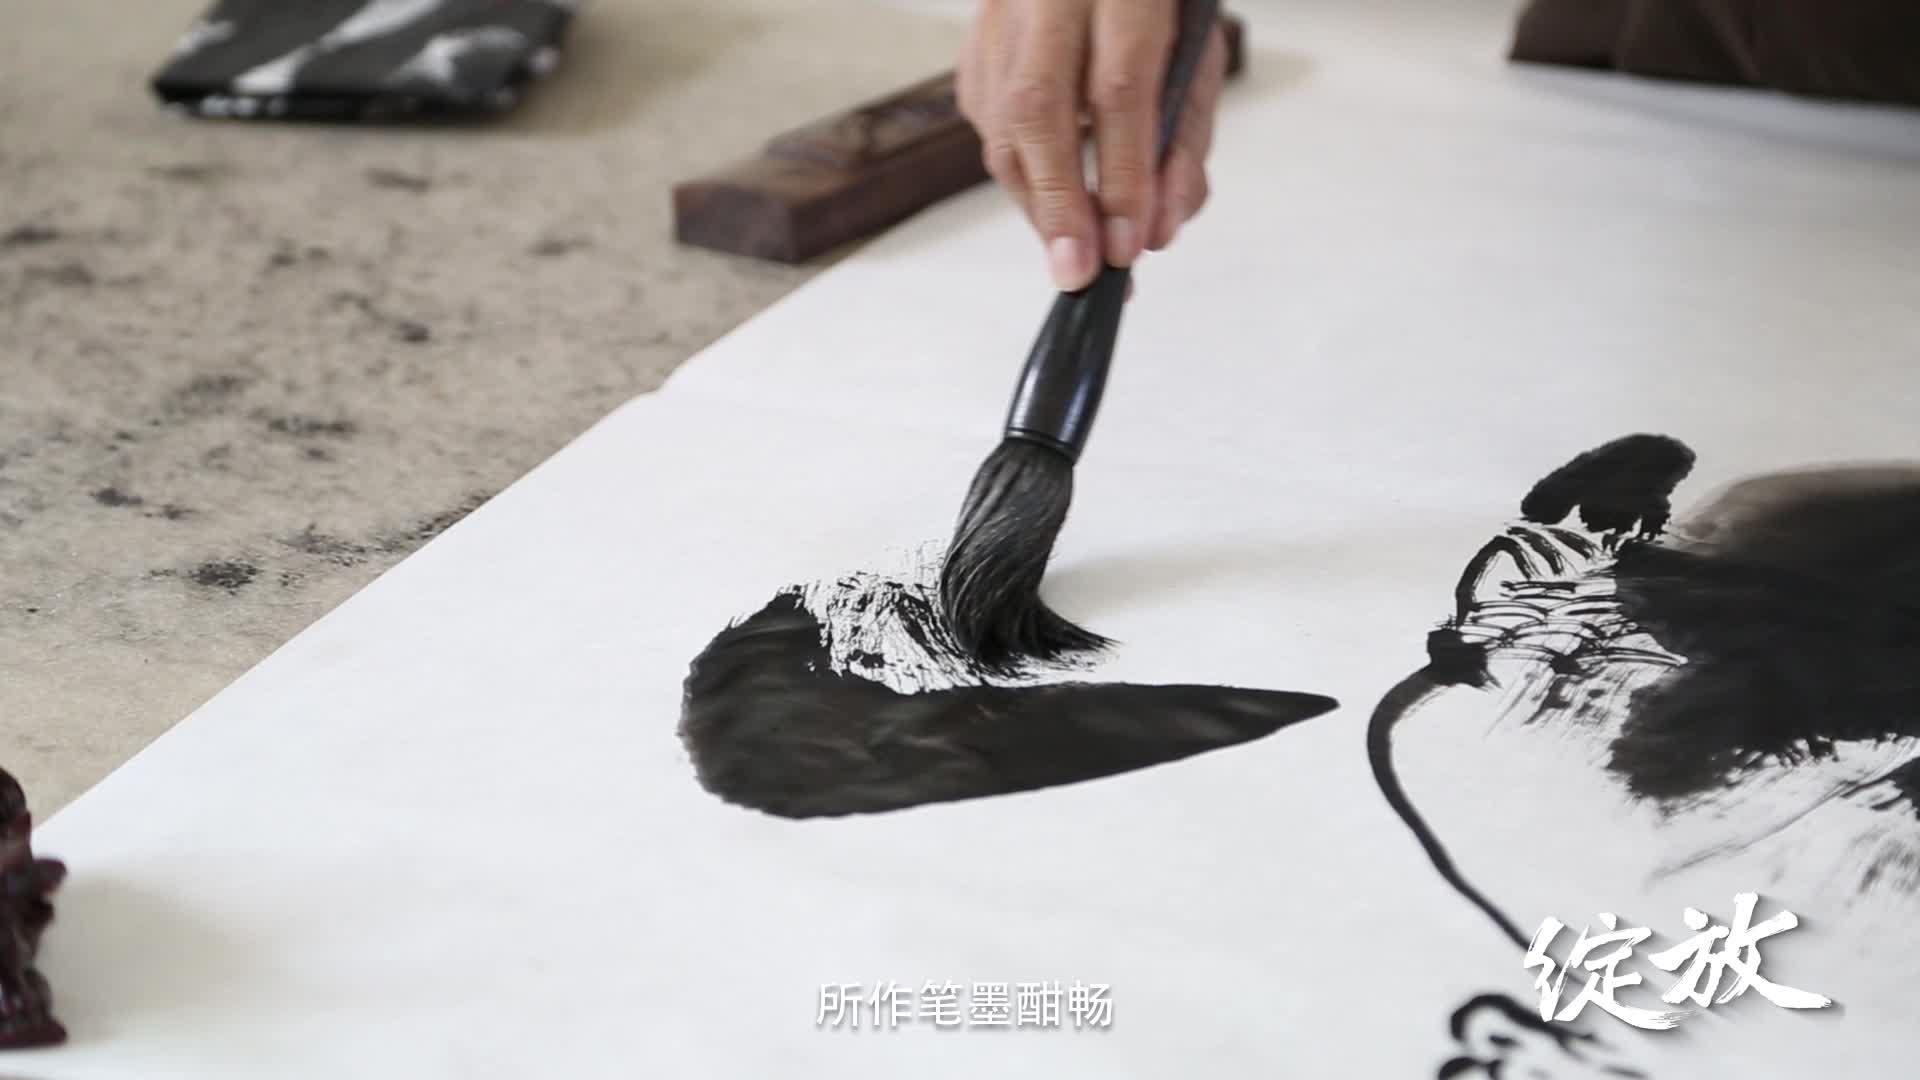 绽放:深耕花鸟六十载 著书立说传国粹 09